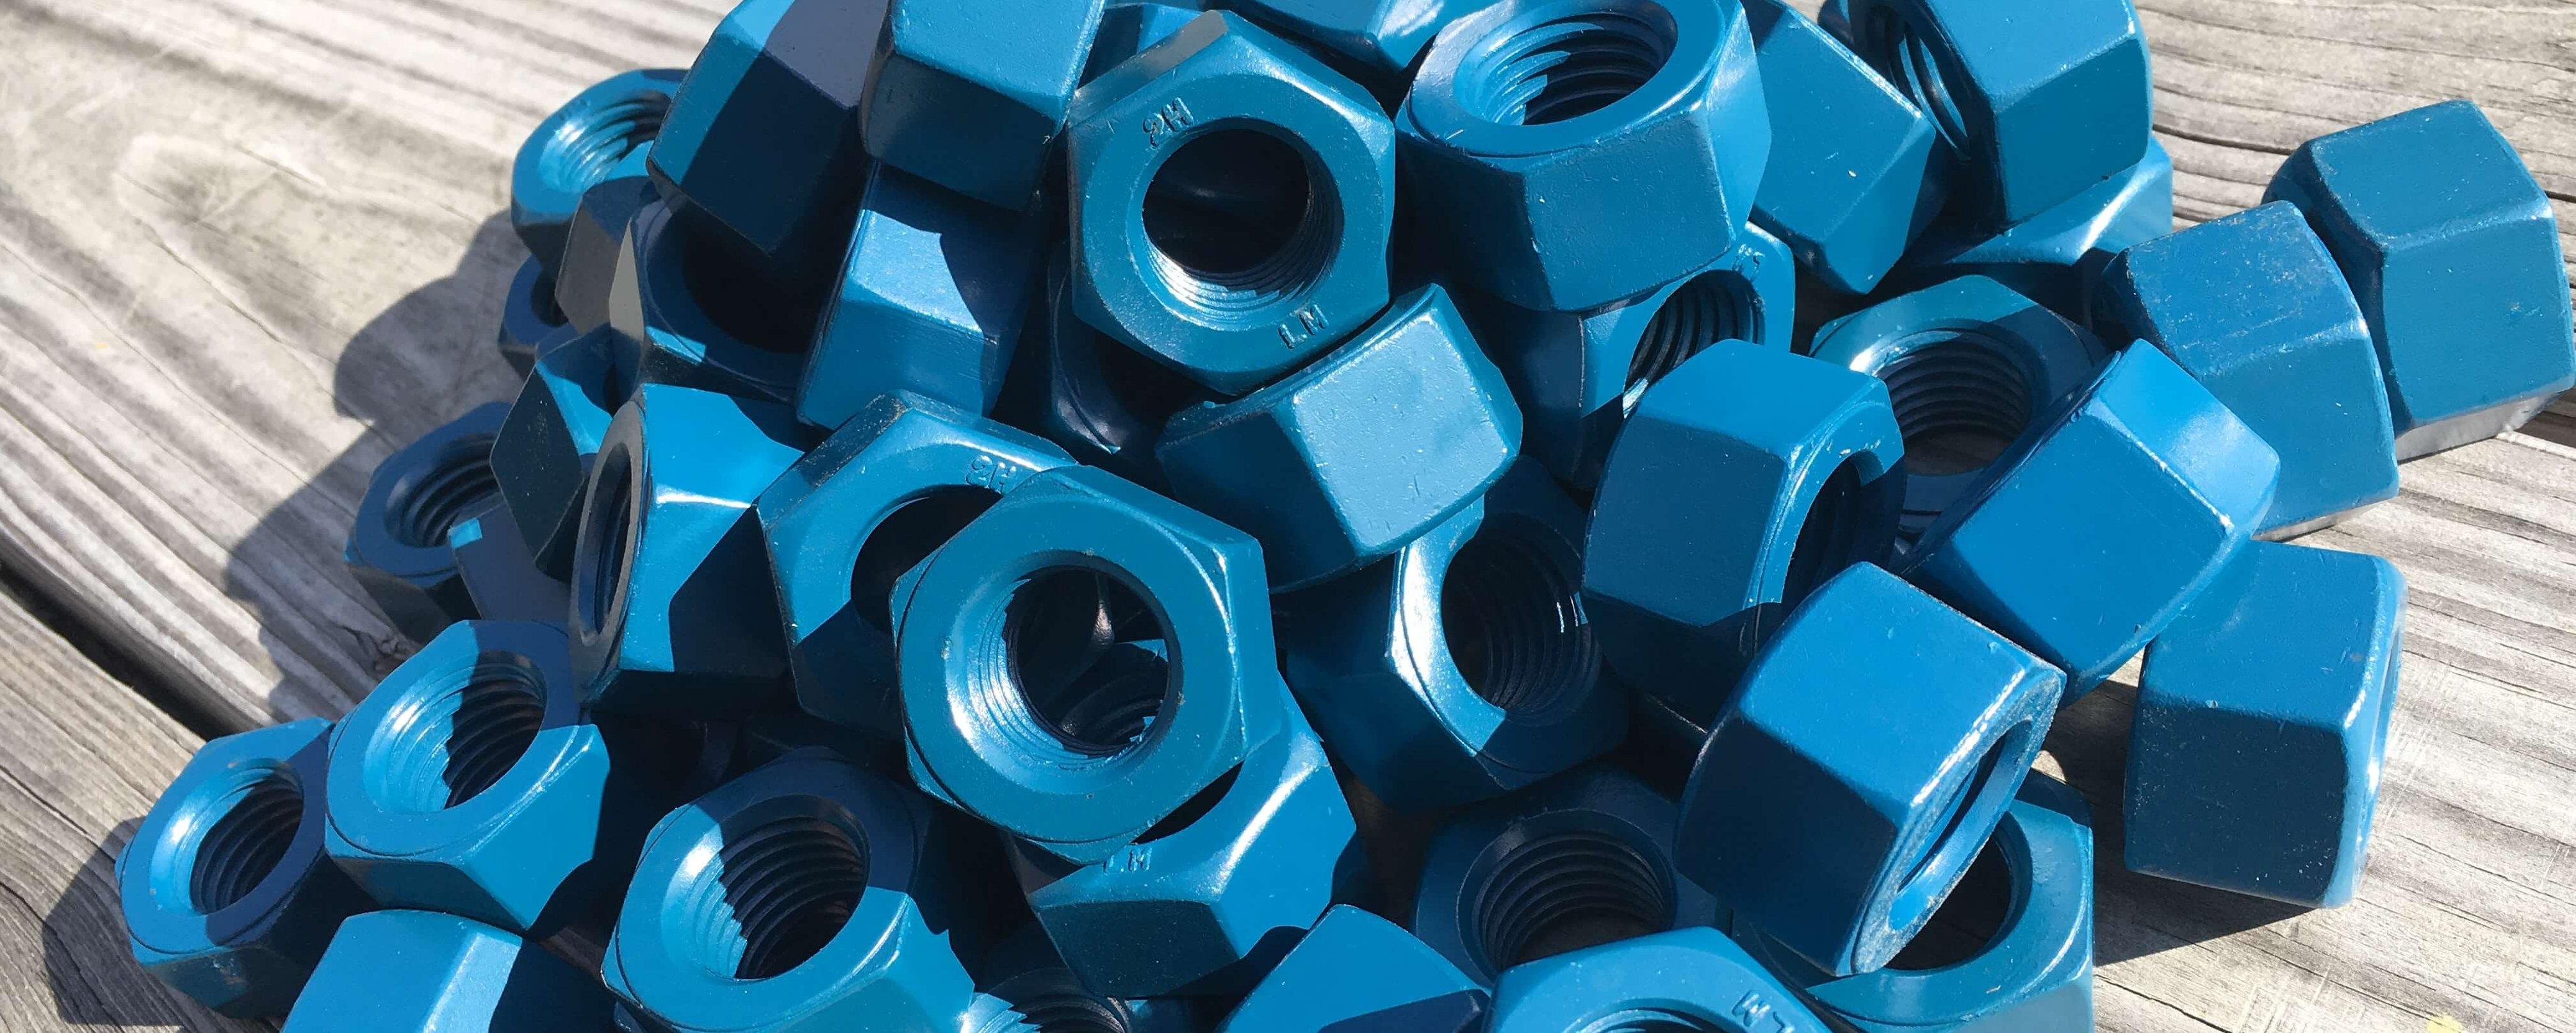 PTFE-Teflon Blue ASTM A-194 Grade 2H Nuts